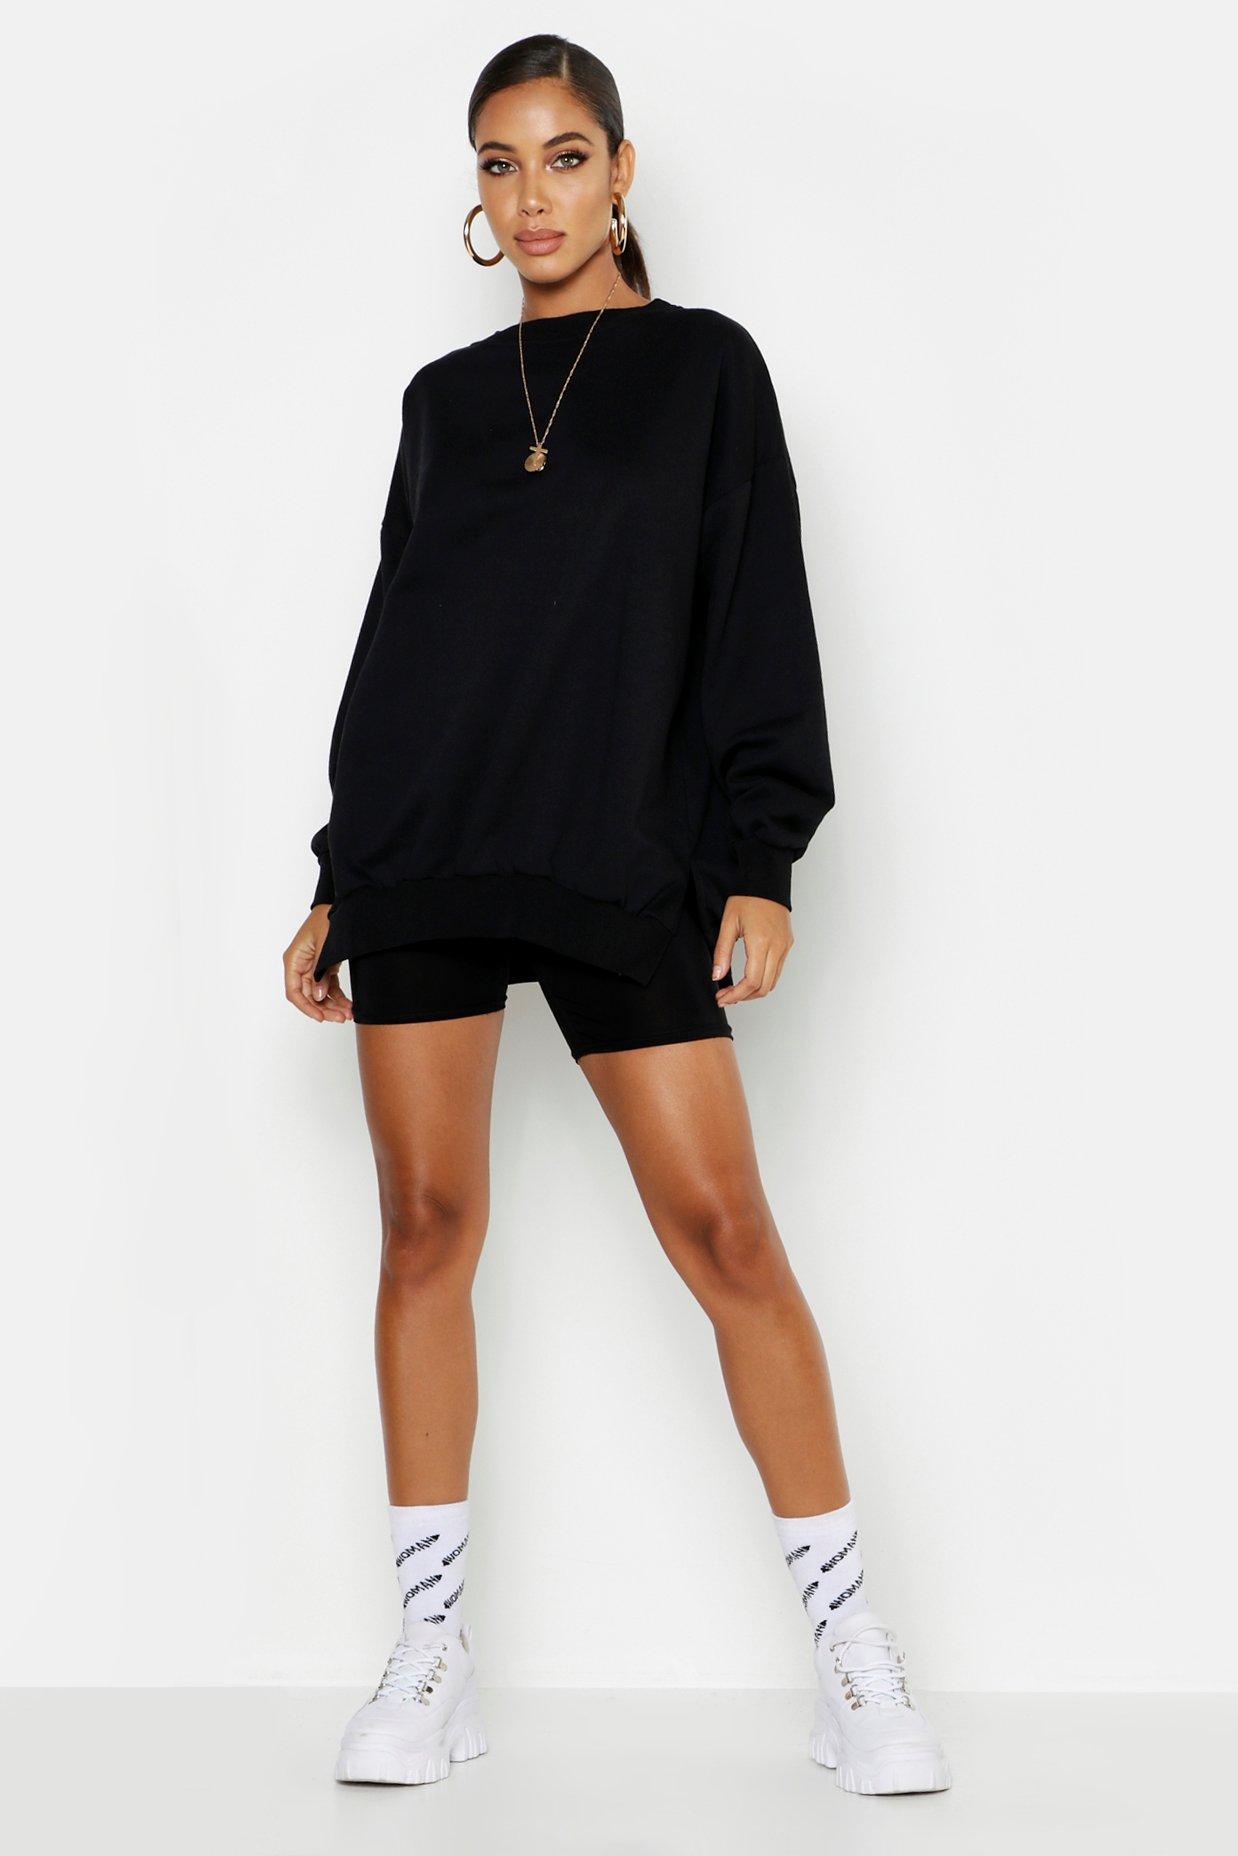 Womens Schlichtes Oversized-Sweatshirt mit gerafftem Saum - schwarz - 34, Schwarz - Boohoo.com